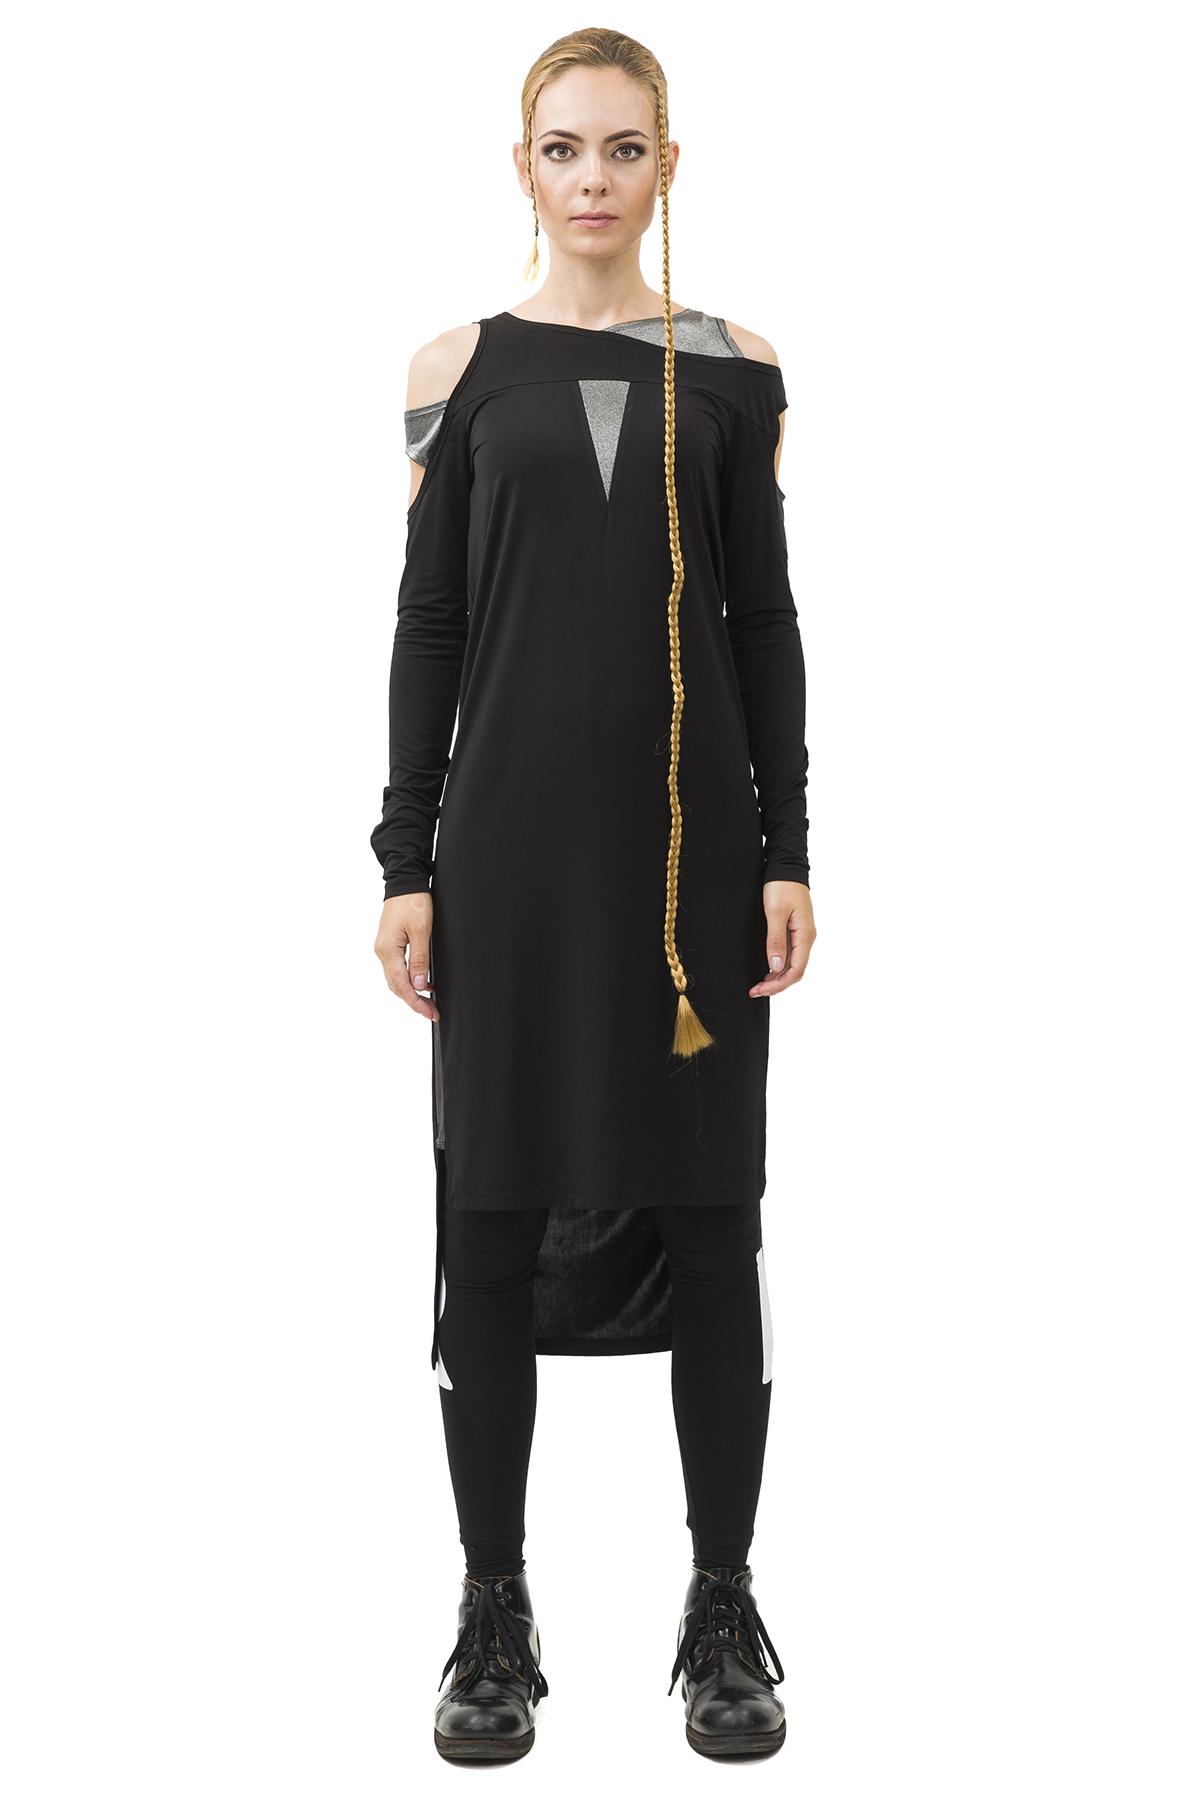 ПлатьеПлатья,  сарафаны<br>Платье бренда Pavel Yerokin выполнено из вискозы с добавлением шелка. Особенности: прямойкрой, асимметричный верх и низ, вставки из серебристого трикотажа, вырезы на плечах и рукавах.<br><br>Цвет: черный,серебристый<br>Состав: Материал 1: Полиэстер - 70%, Шелк - 25%, Эластан - 5%; Материал 2 - Полиэстер - 97%, Эластан - 3%<br>Размер: 40,42,44,46,48,50<br>Страна дизайна: Россия<br>Страна производства: Россия